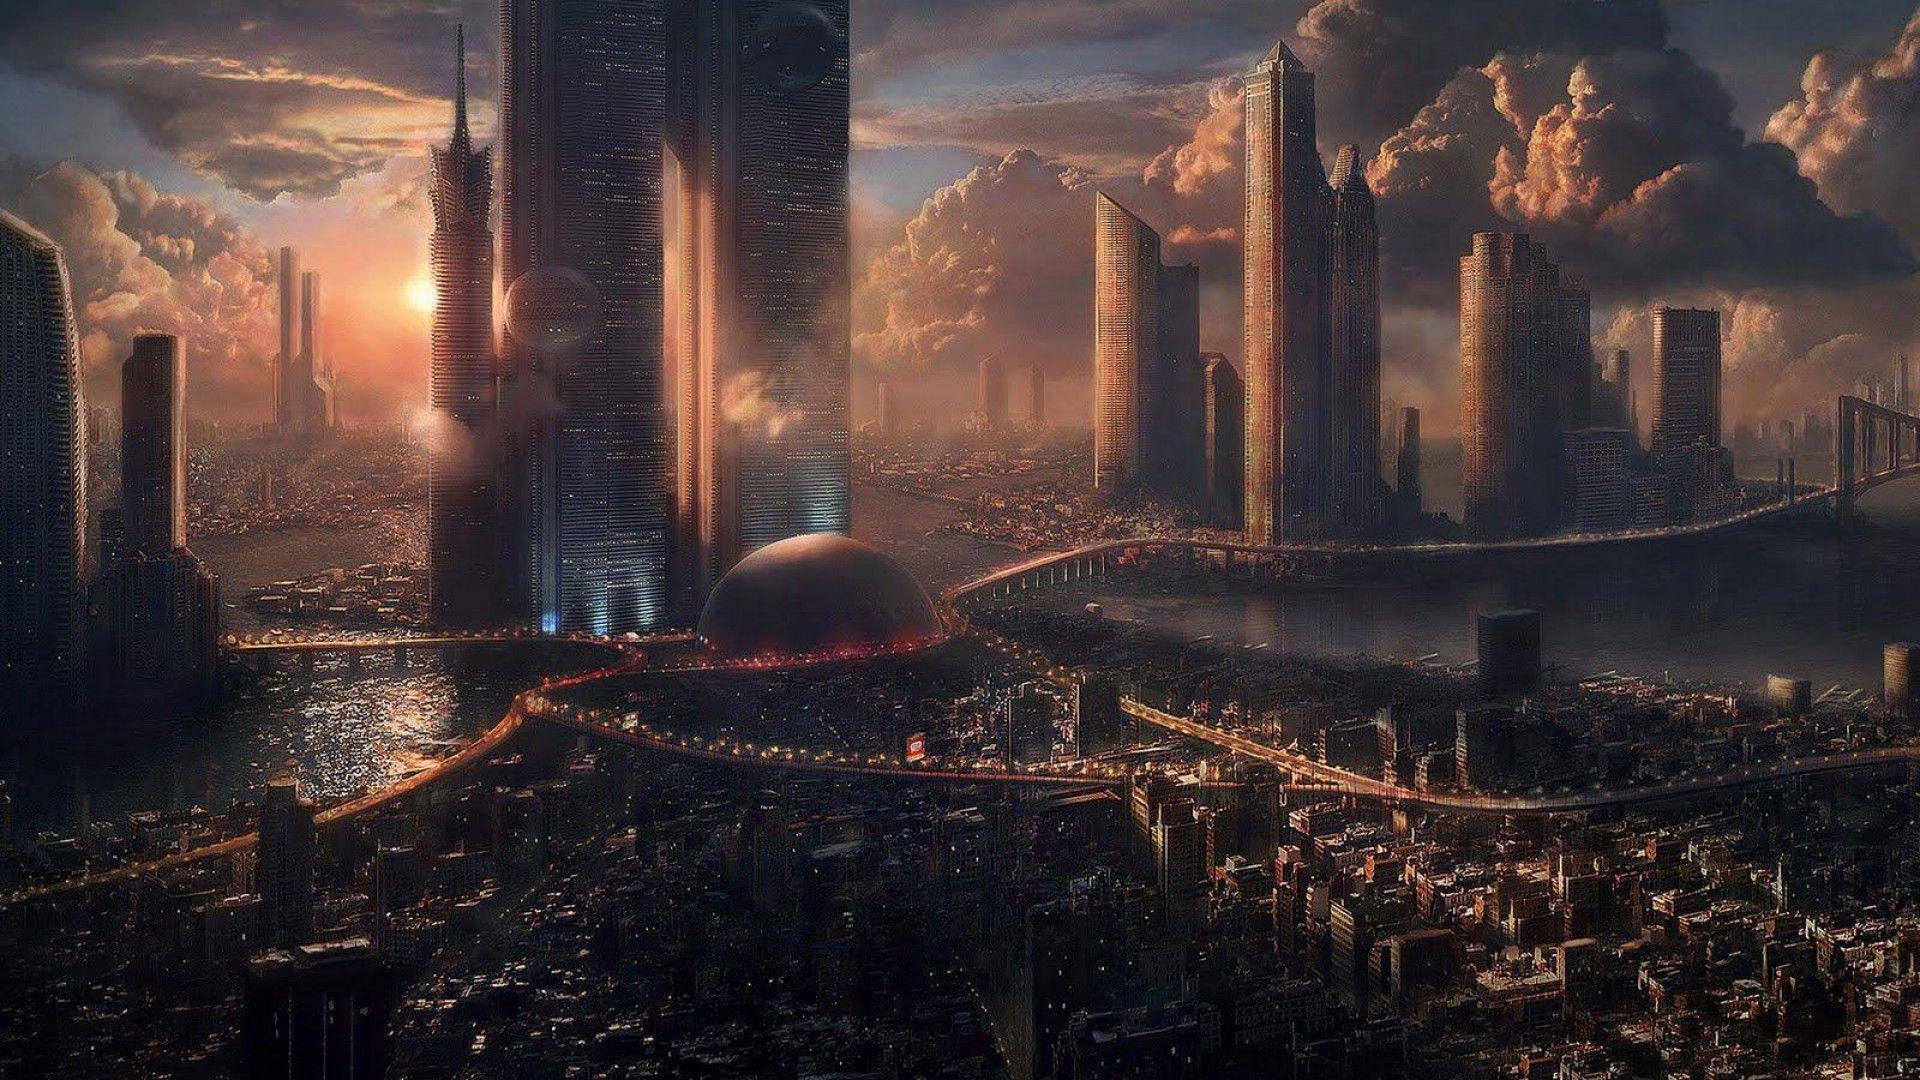 Futuristic Cityscaped Scene Futuristic Cityscape